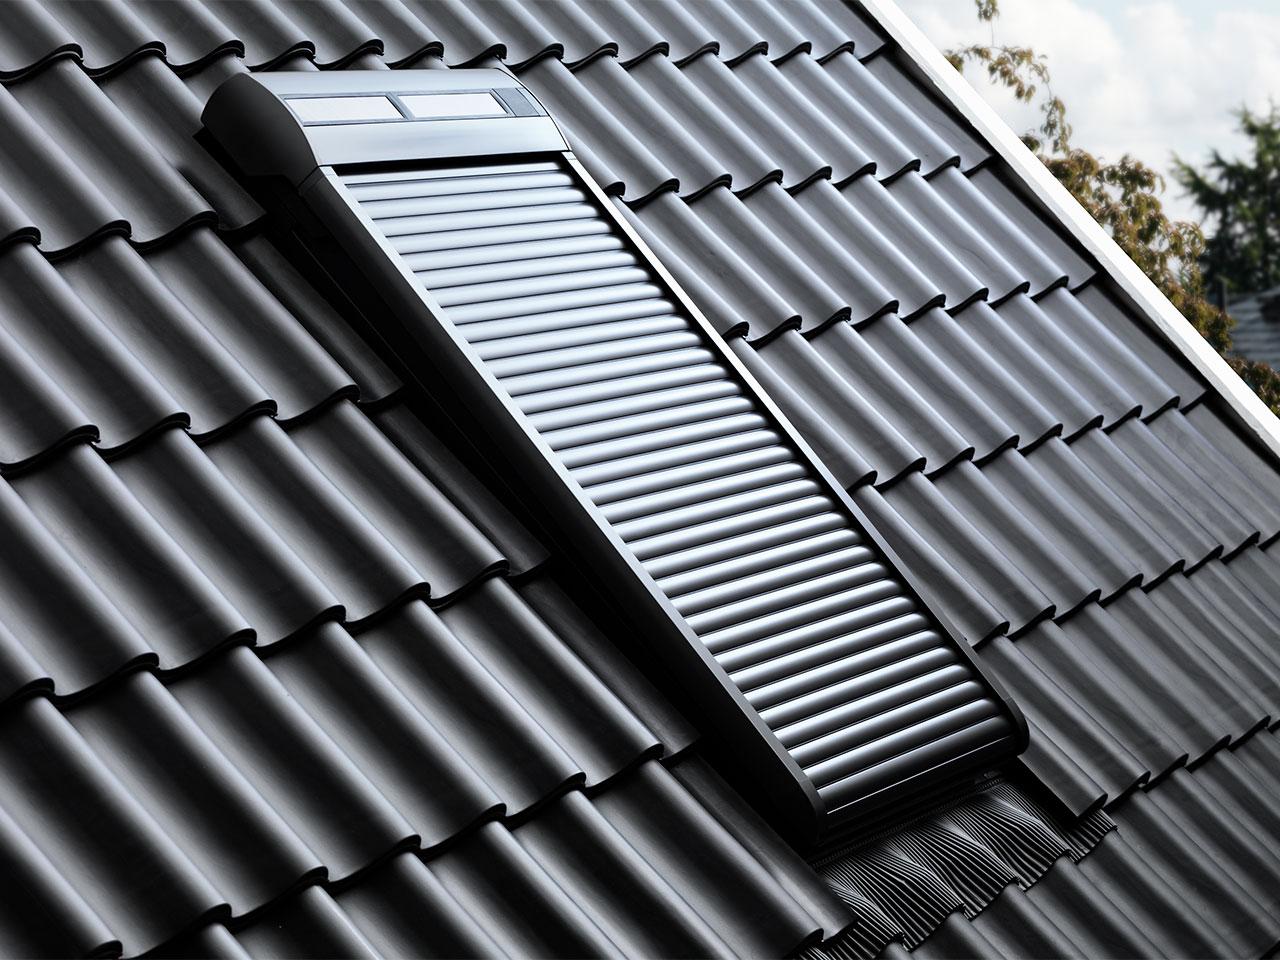 Full Size of Velux Dachfenster Preise Preisliste 2018 Fenster Mit Einbau Angebote 2019 Hornbach Preis Einbauen Günstig Kaufen Dachschräge Sonnenschutz Außen Anthrazit Fenster Velux Fenster Preise